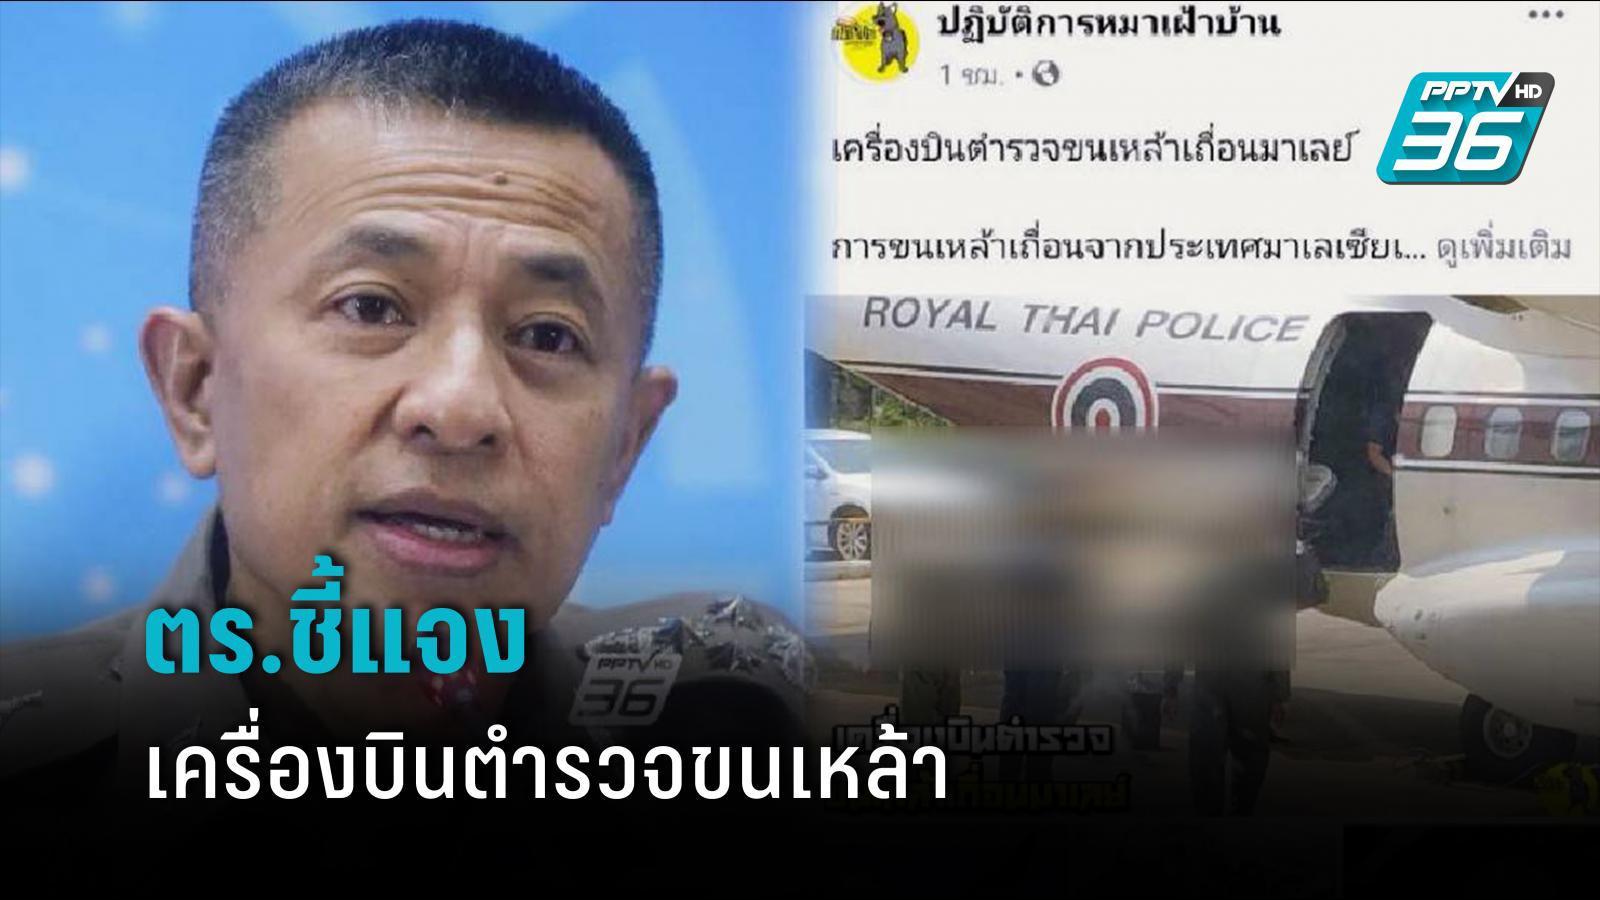 สำนักงานตำรวจแห่งชาติ ชี้แจง ปมเครื่องบินตำรวจ ขนเหล้า - เบียร์เถื่อน อ้างนายพล 2 ตำรวจเอี่ยว